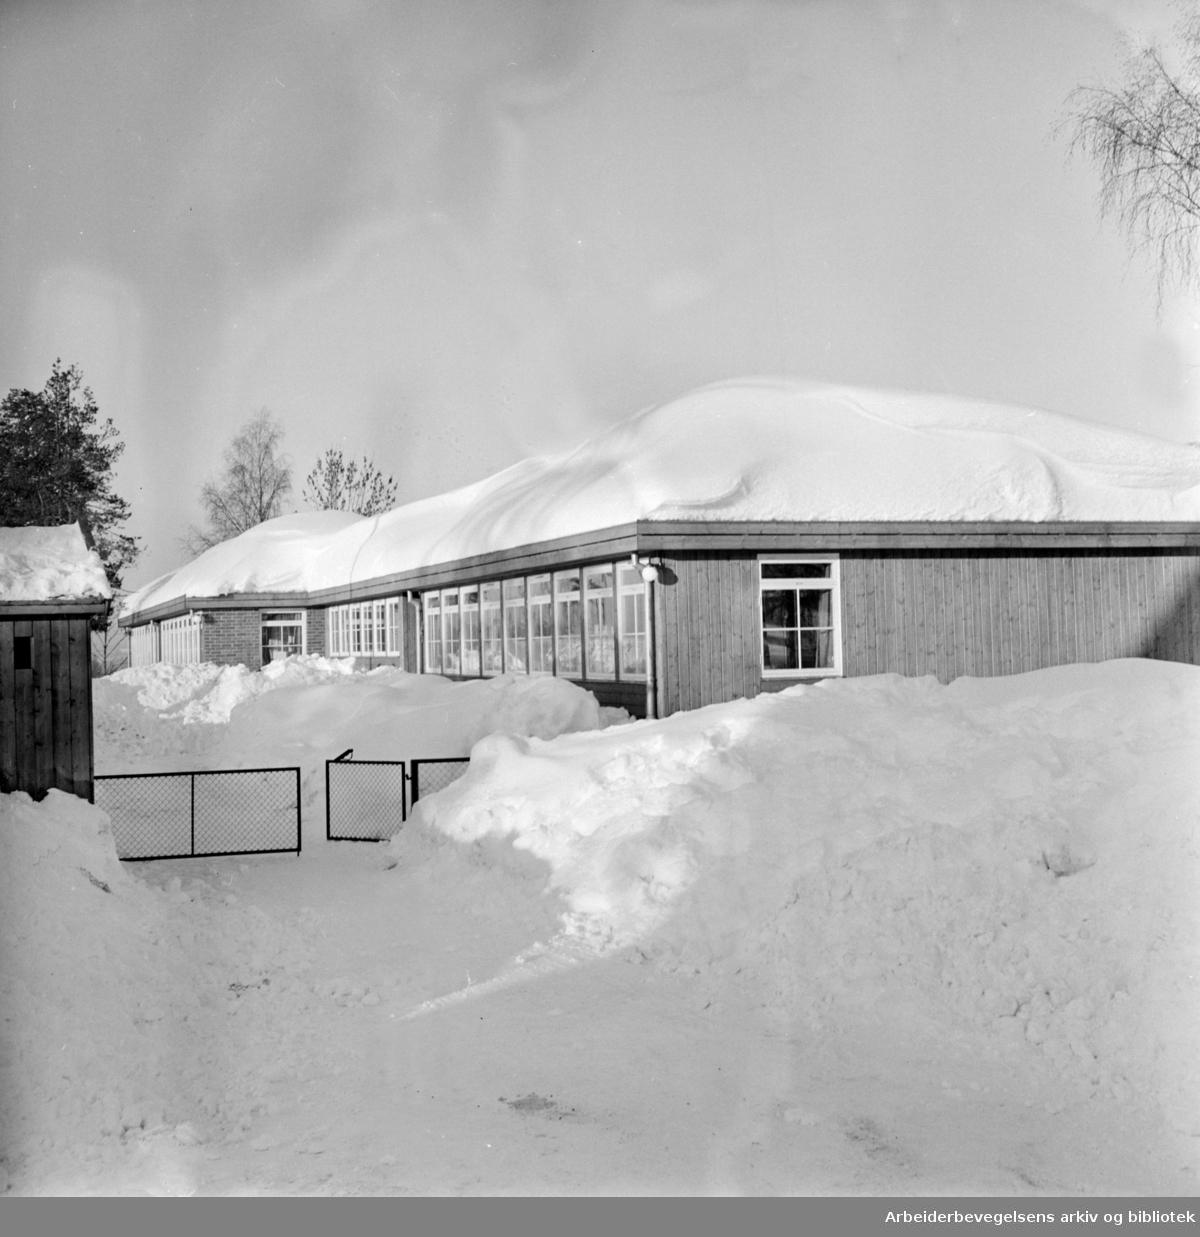 Bogerud. Bogerudsletta daghjem åpnet. Februar 1966